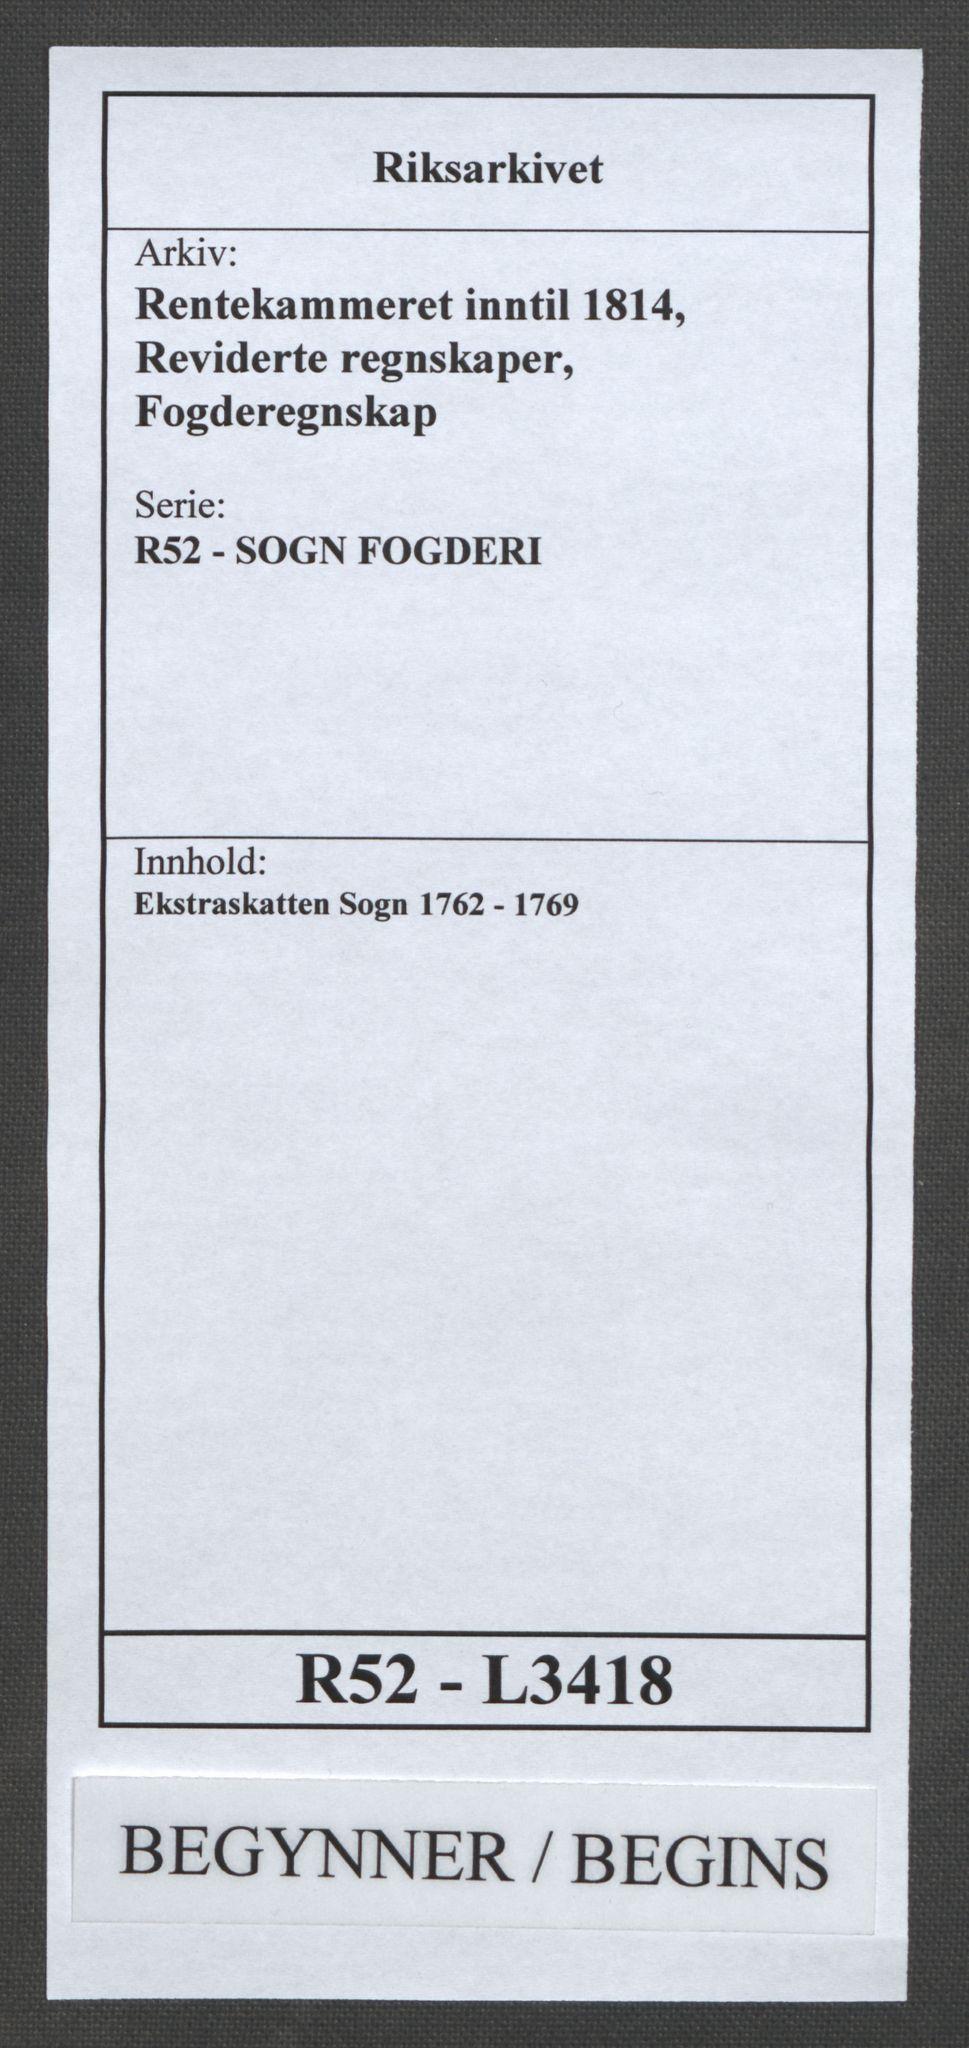 RA, Rentekammeret inntil 1814, Reviderte regnskaper, Fogderegnskap, R52/L3418: Ekstraskatten Sogn, 1762-1769, s. 1